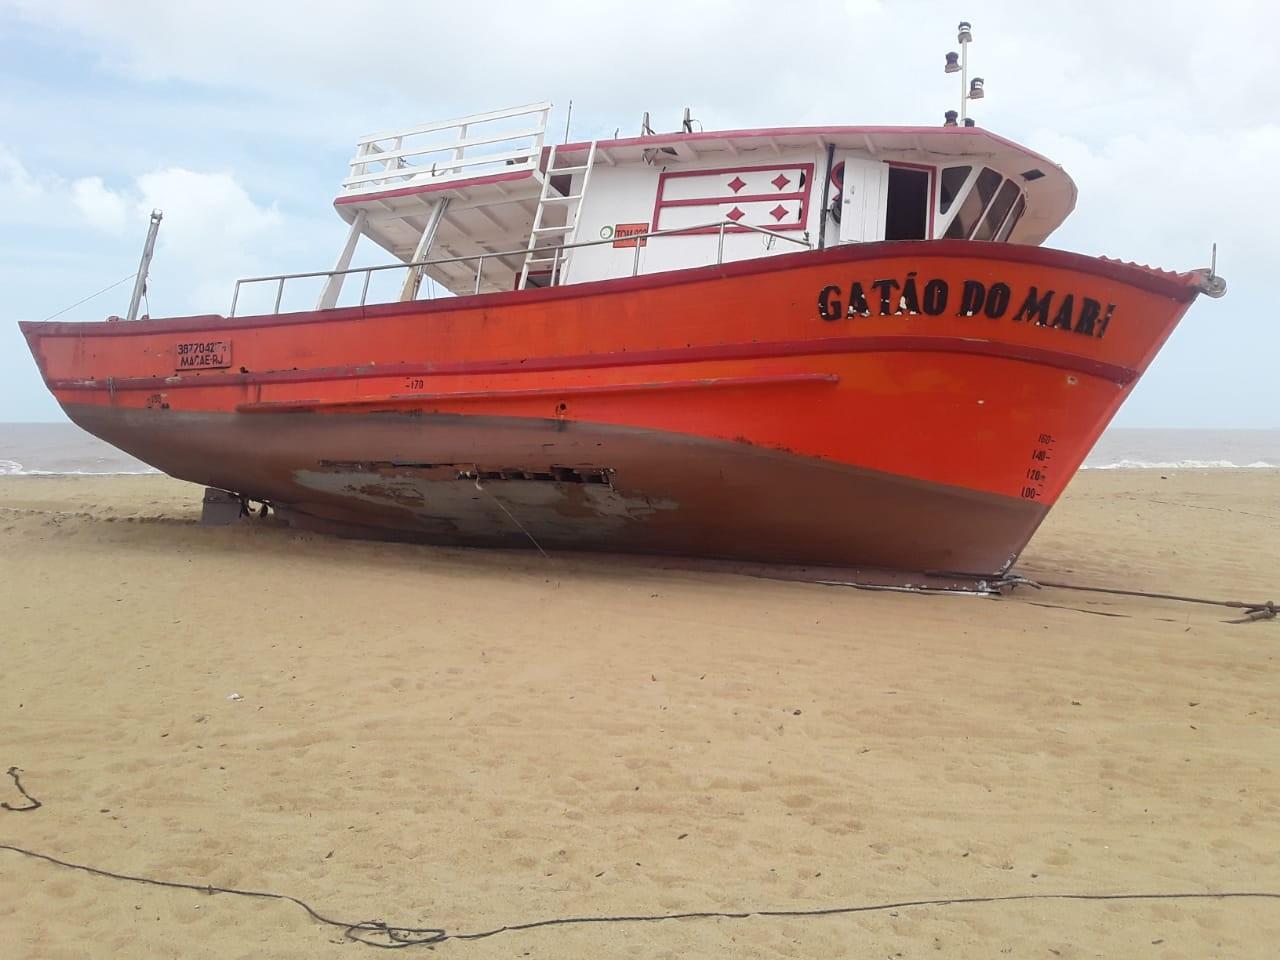 Barco de pesquisa que encalhou é retirado de praia em Linhares, ES